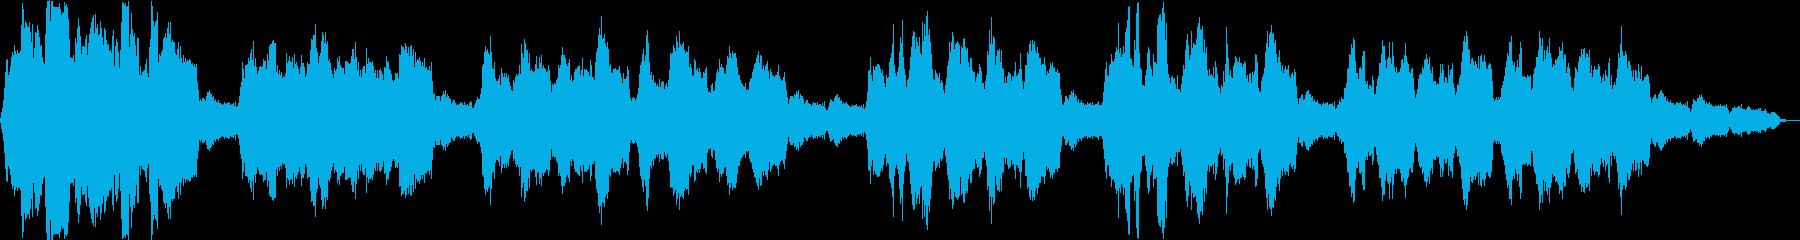 穏やかなリラクゼーション曲の再生済みの波形